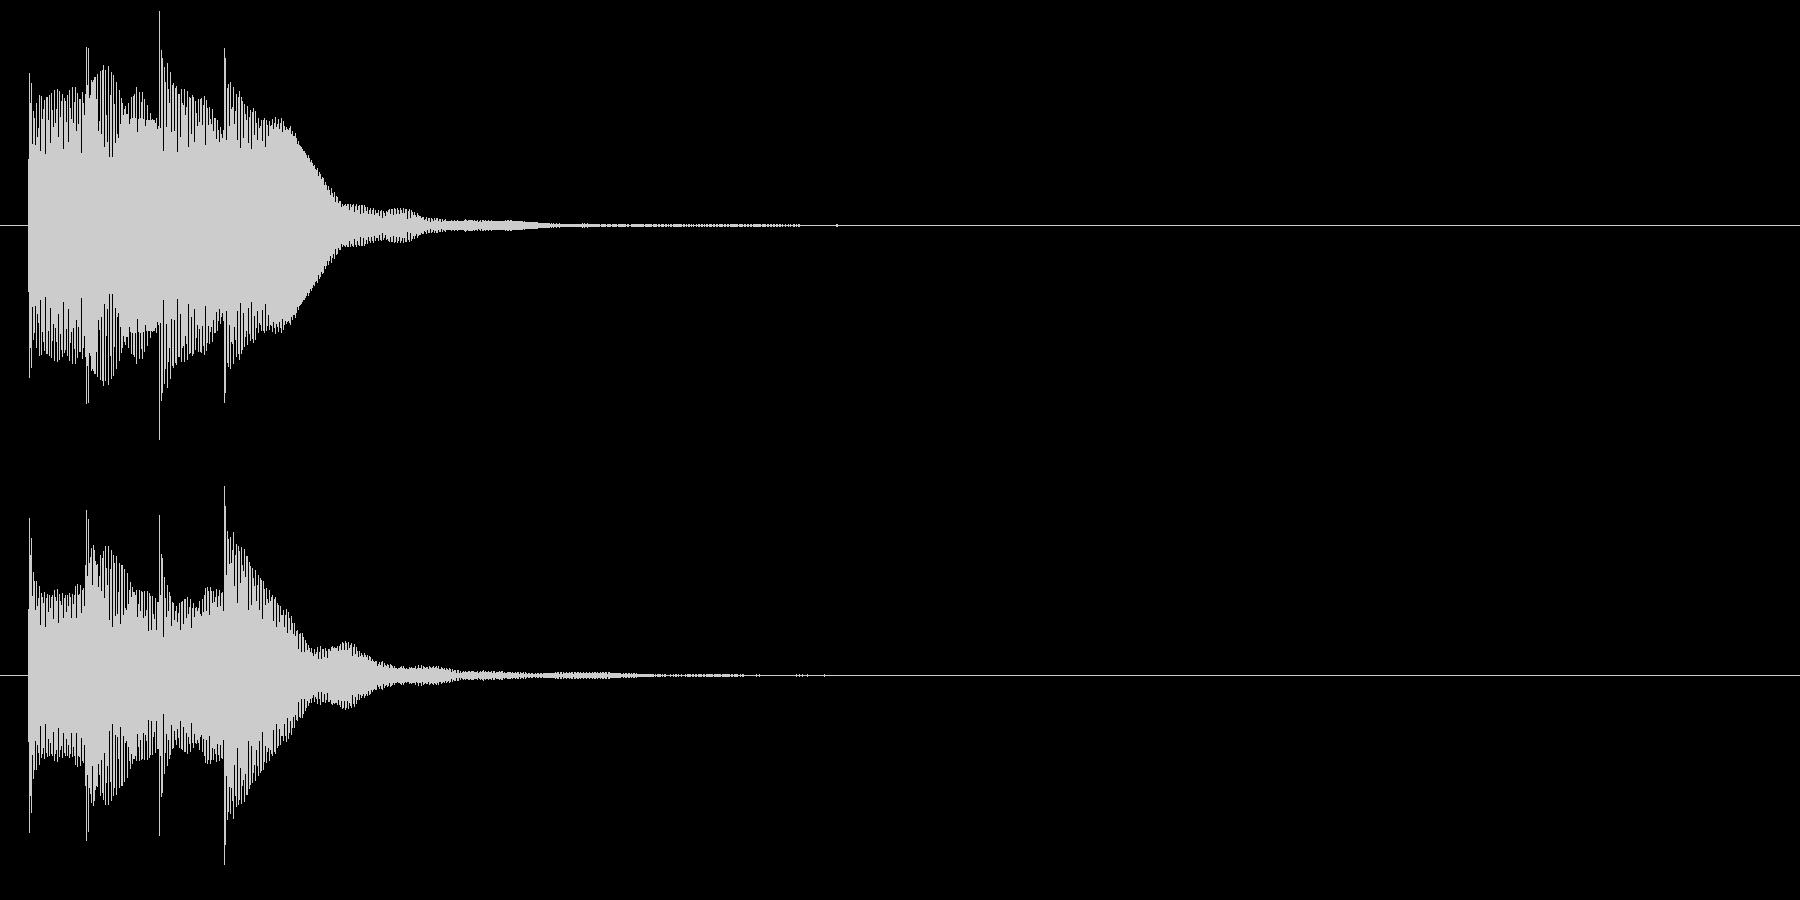 アラーム音07 マレット(maj)の未再生の波形